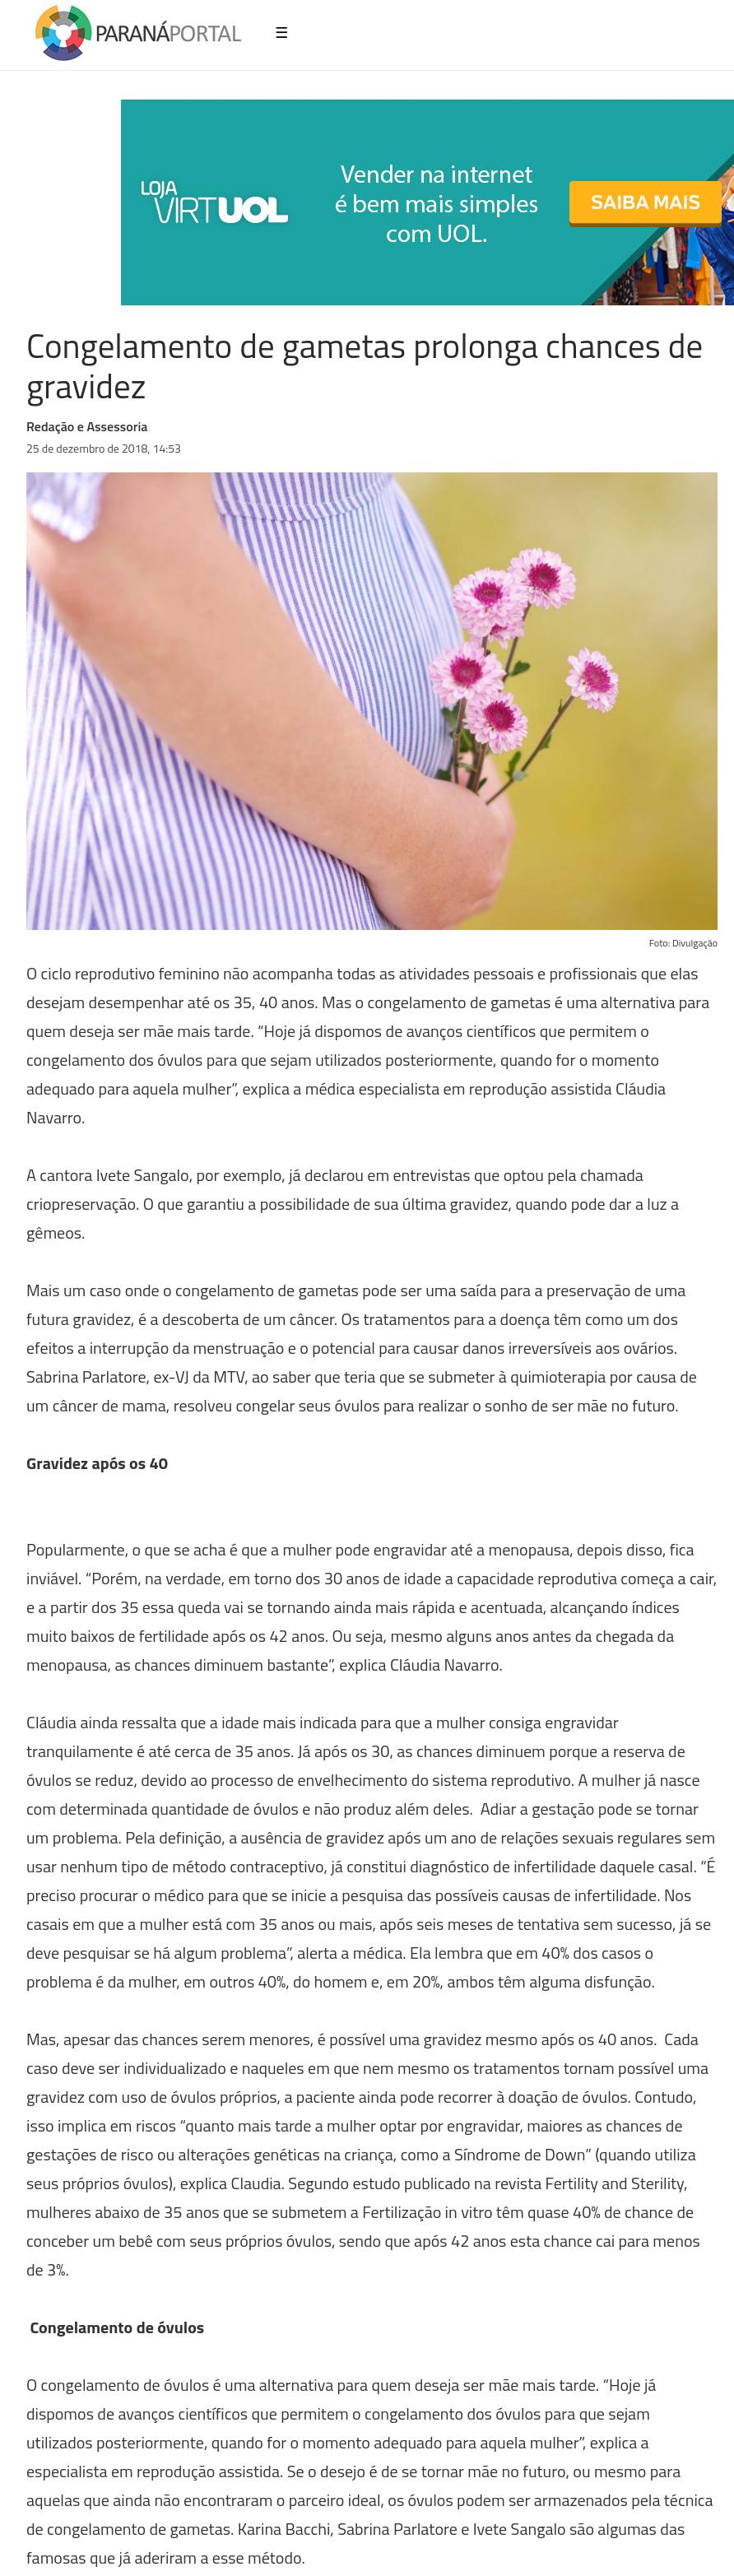 Paraná Portal – Congelamento de gametas prolonga chances de gravidez